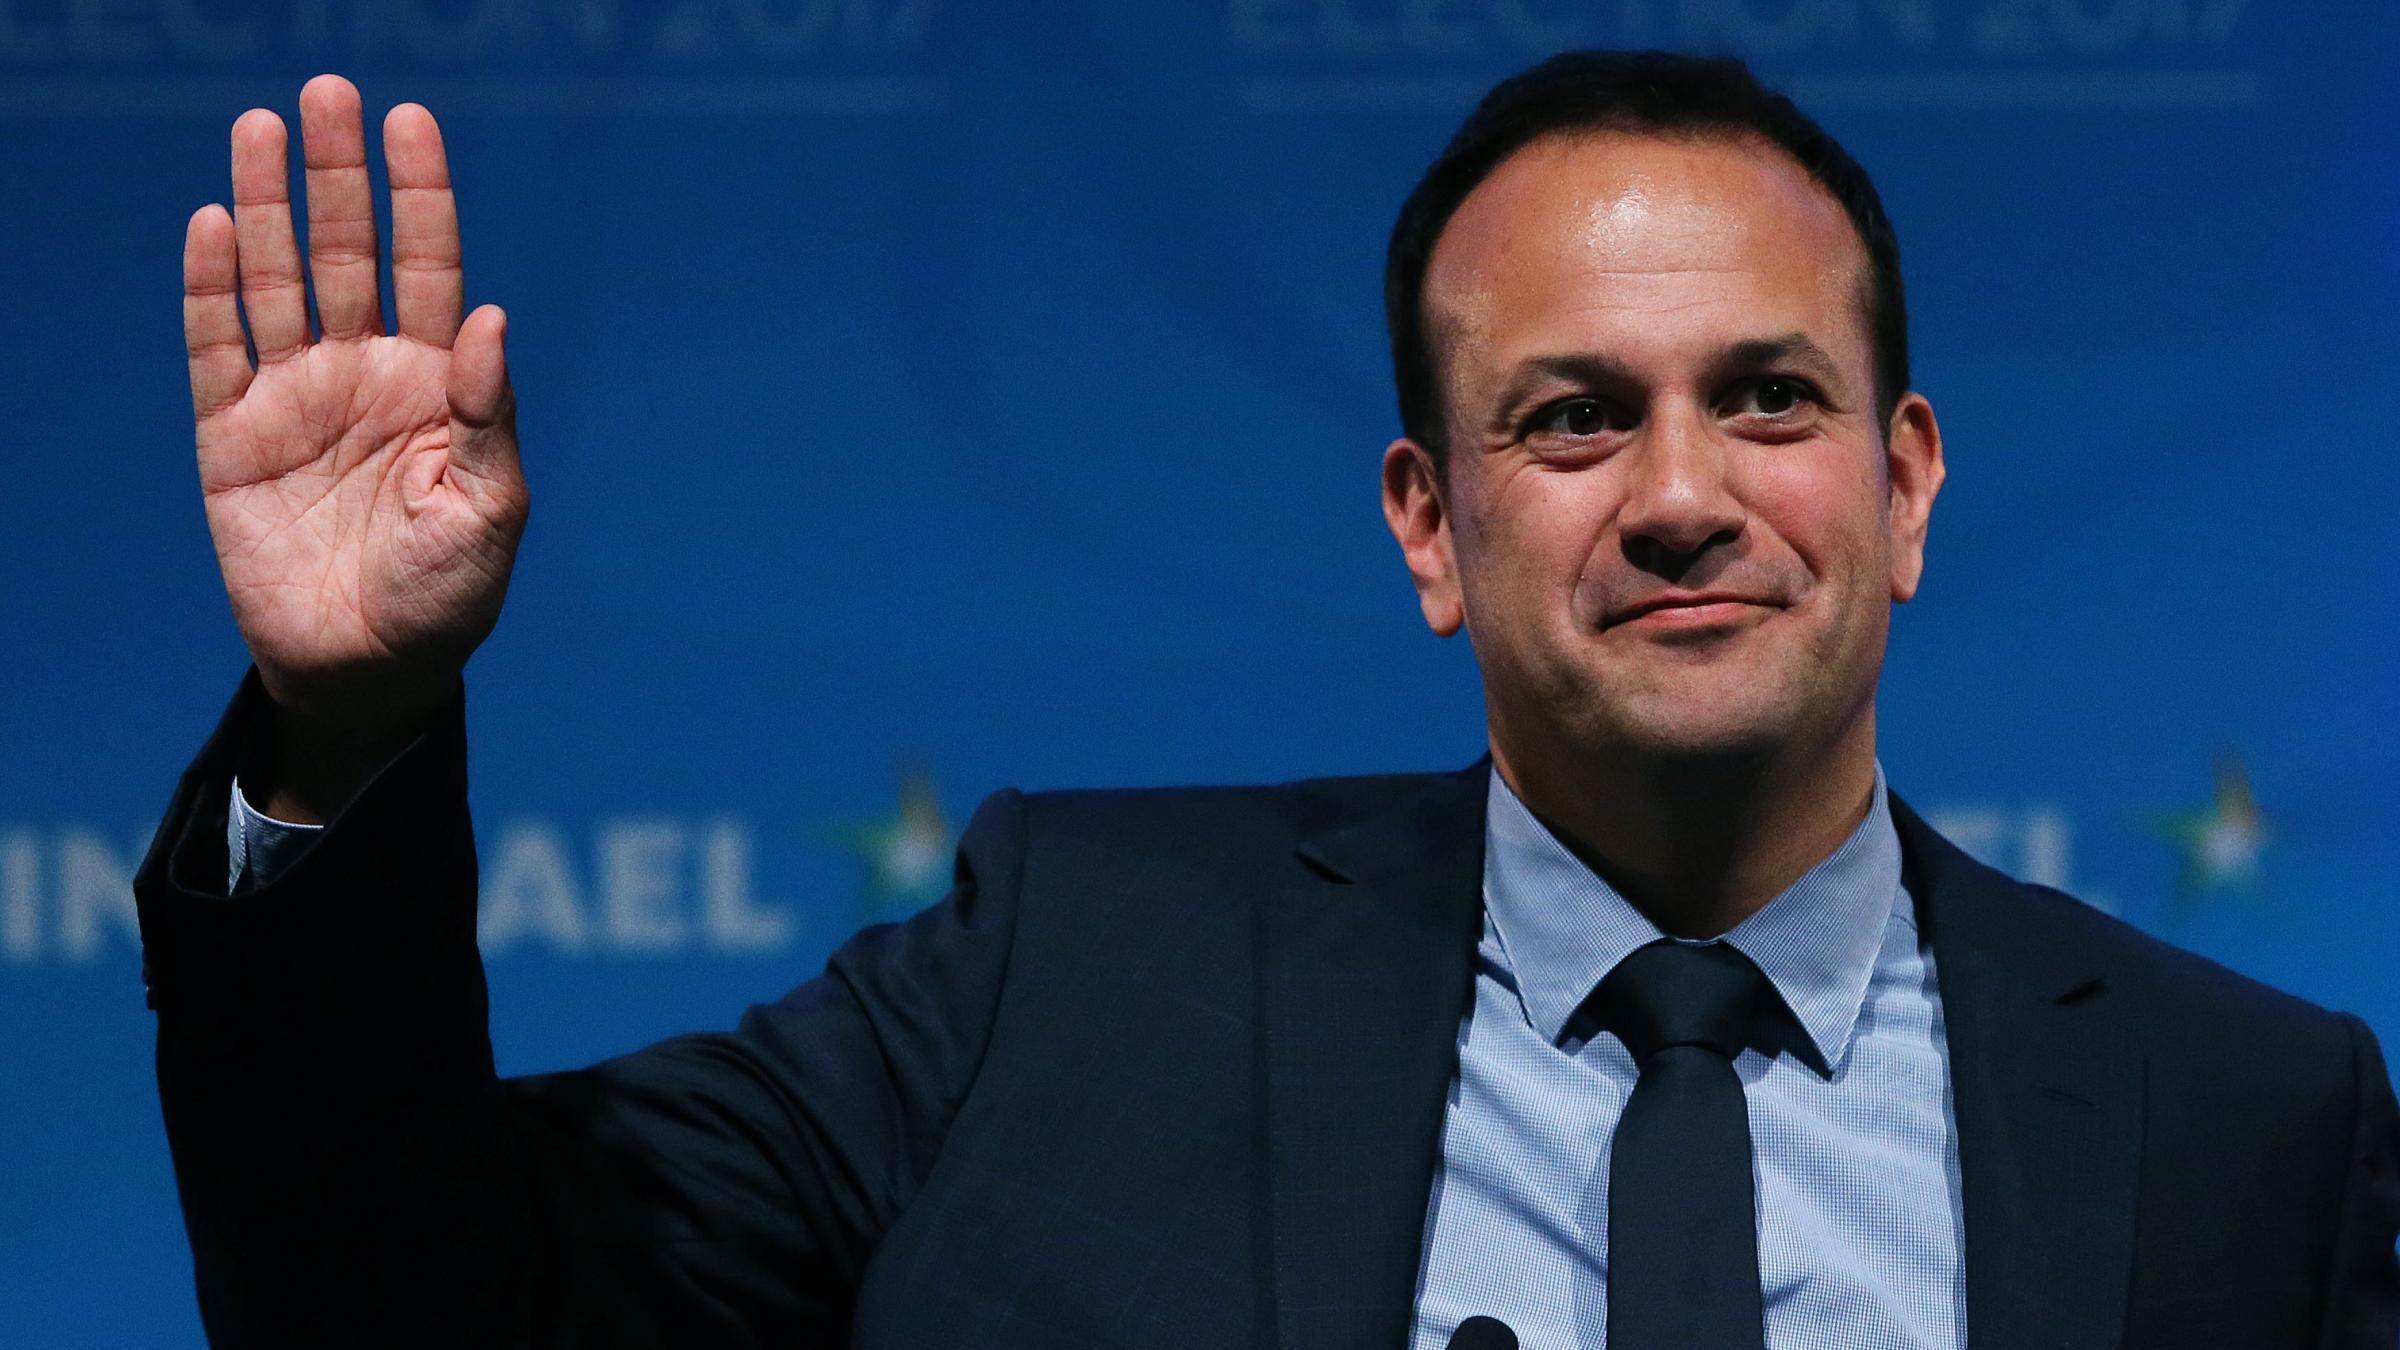 Leo Varadkar Officially Becomes Taoiseach Of Ireland